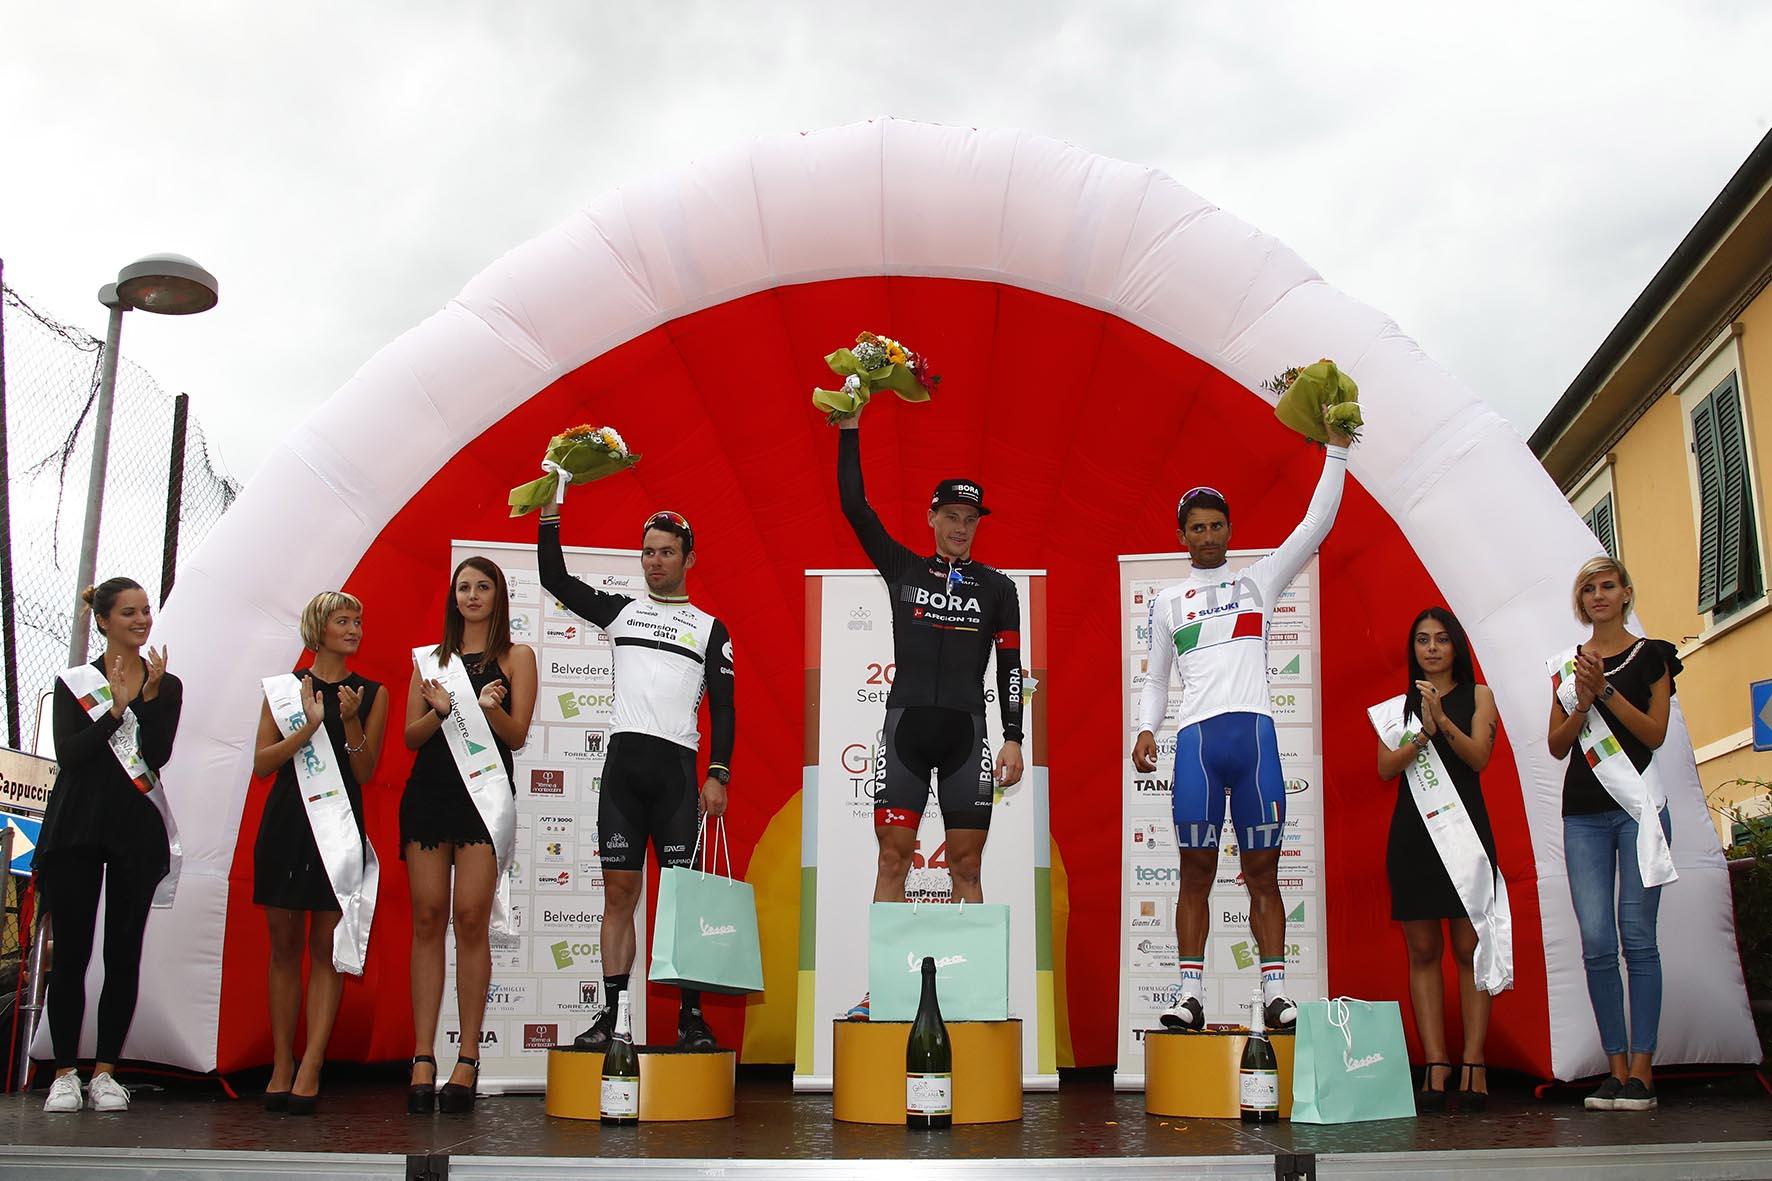 Giro della Toscana 2016